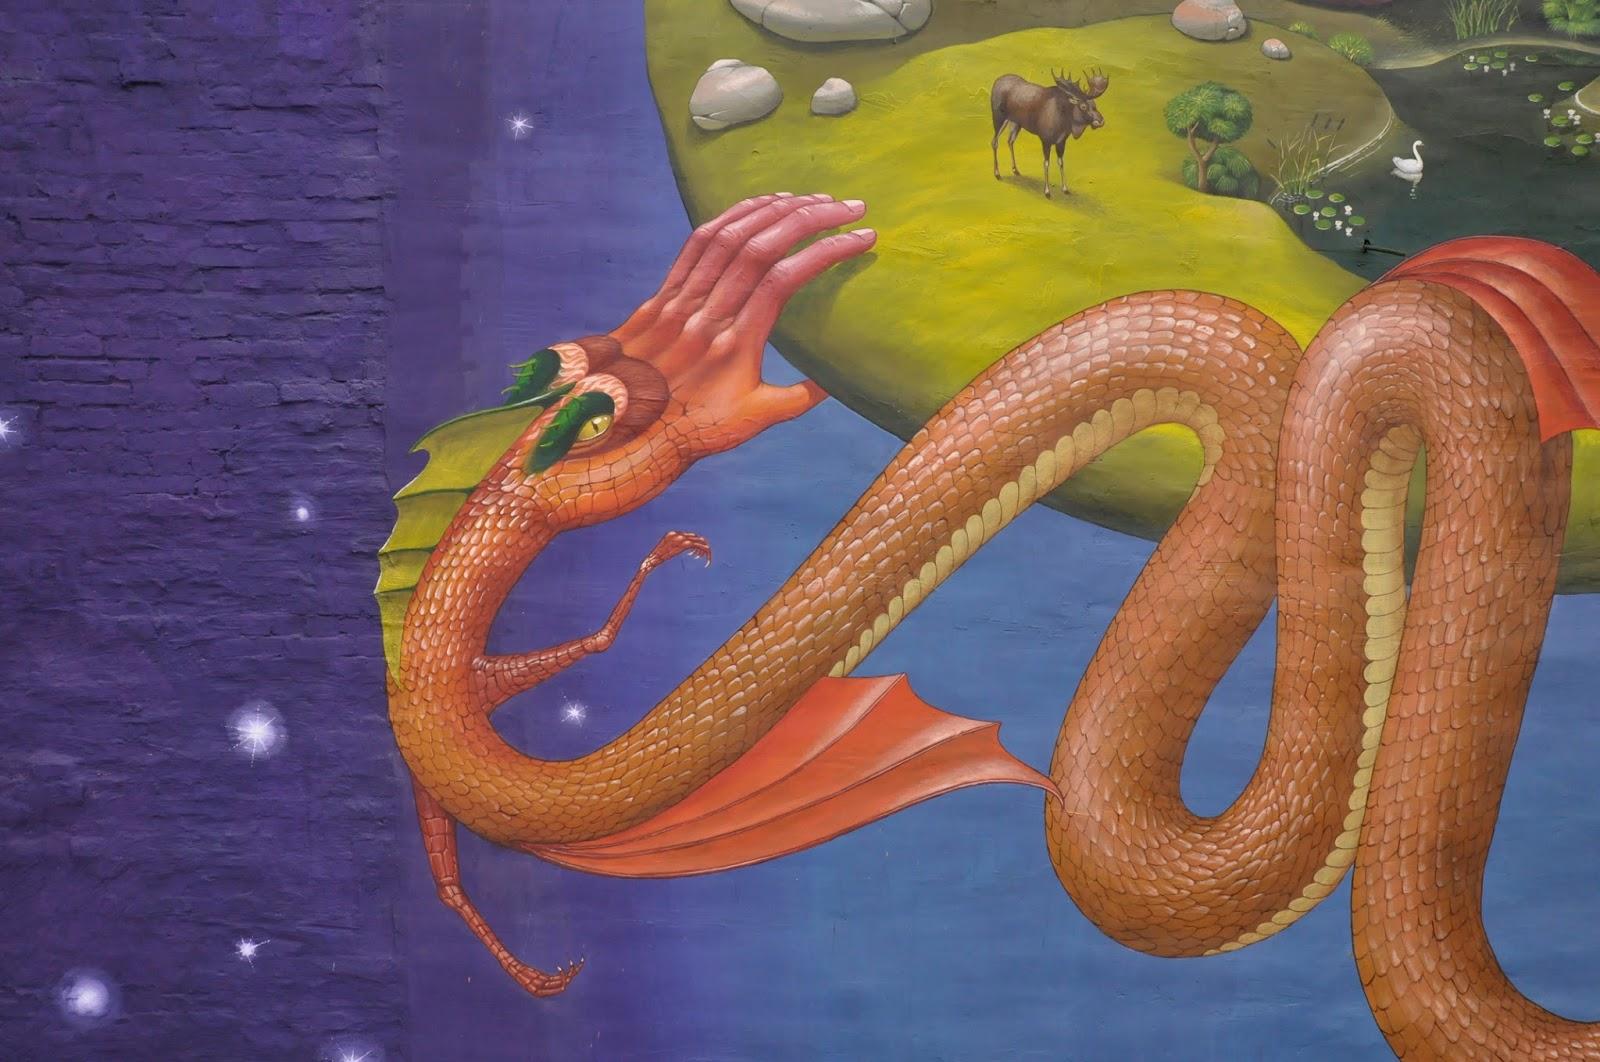 Святой Юрий граффити Interesni Kazki Aec Большая Житомирская, 38 фрагмент, рука-змея, крупным планом